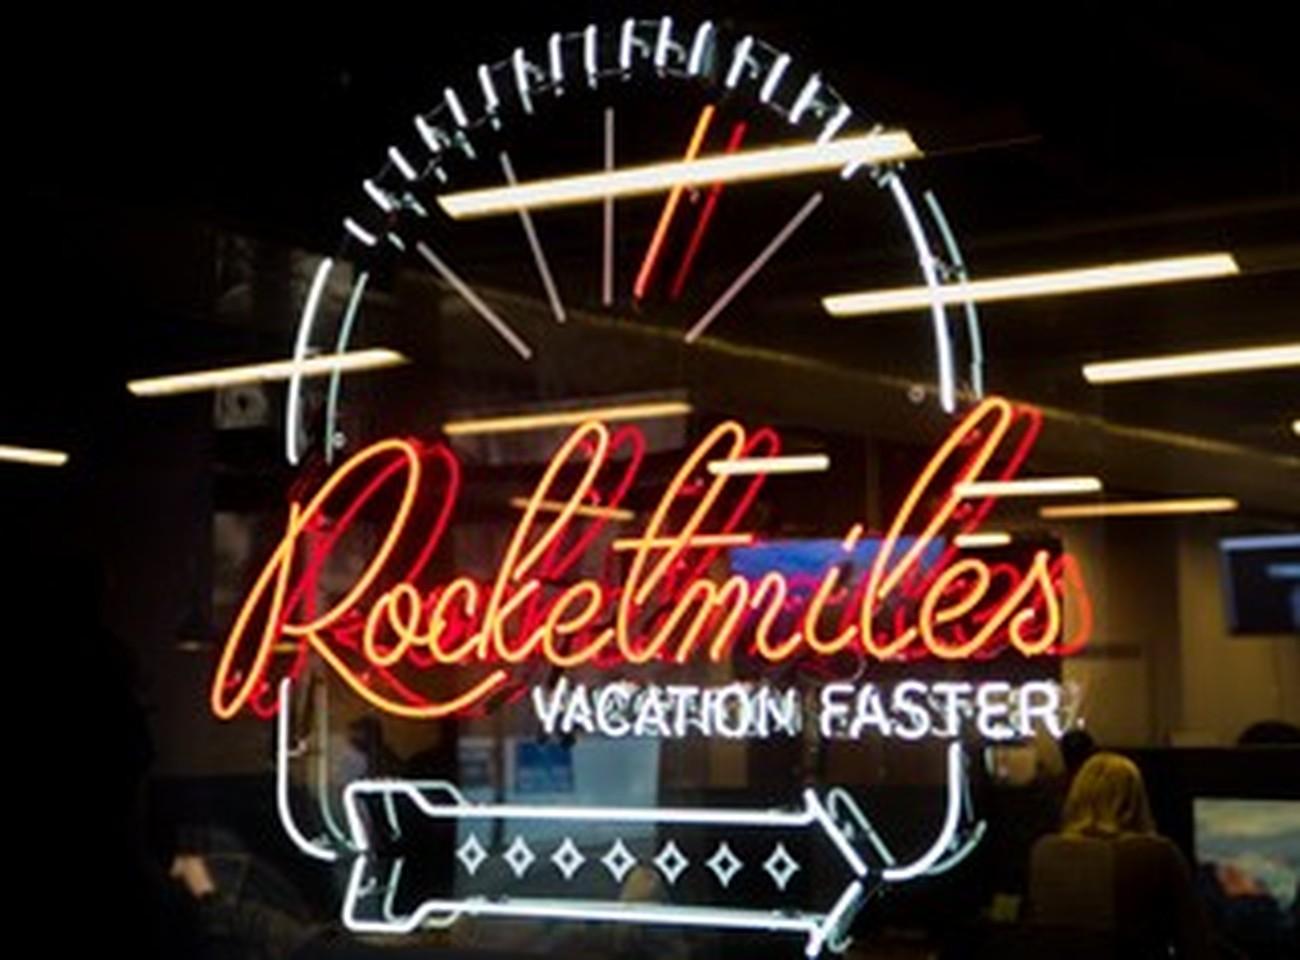 Rocketmiles Careers